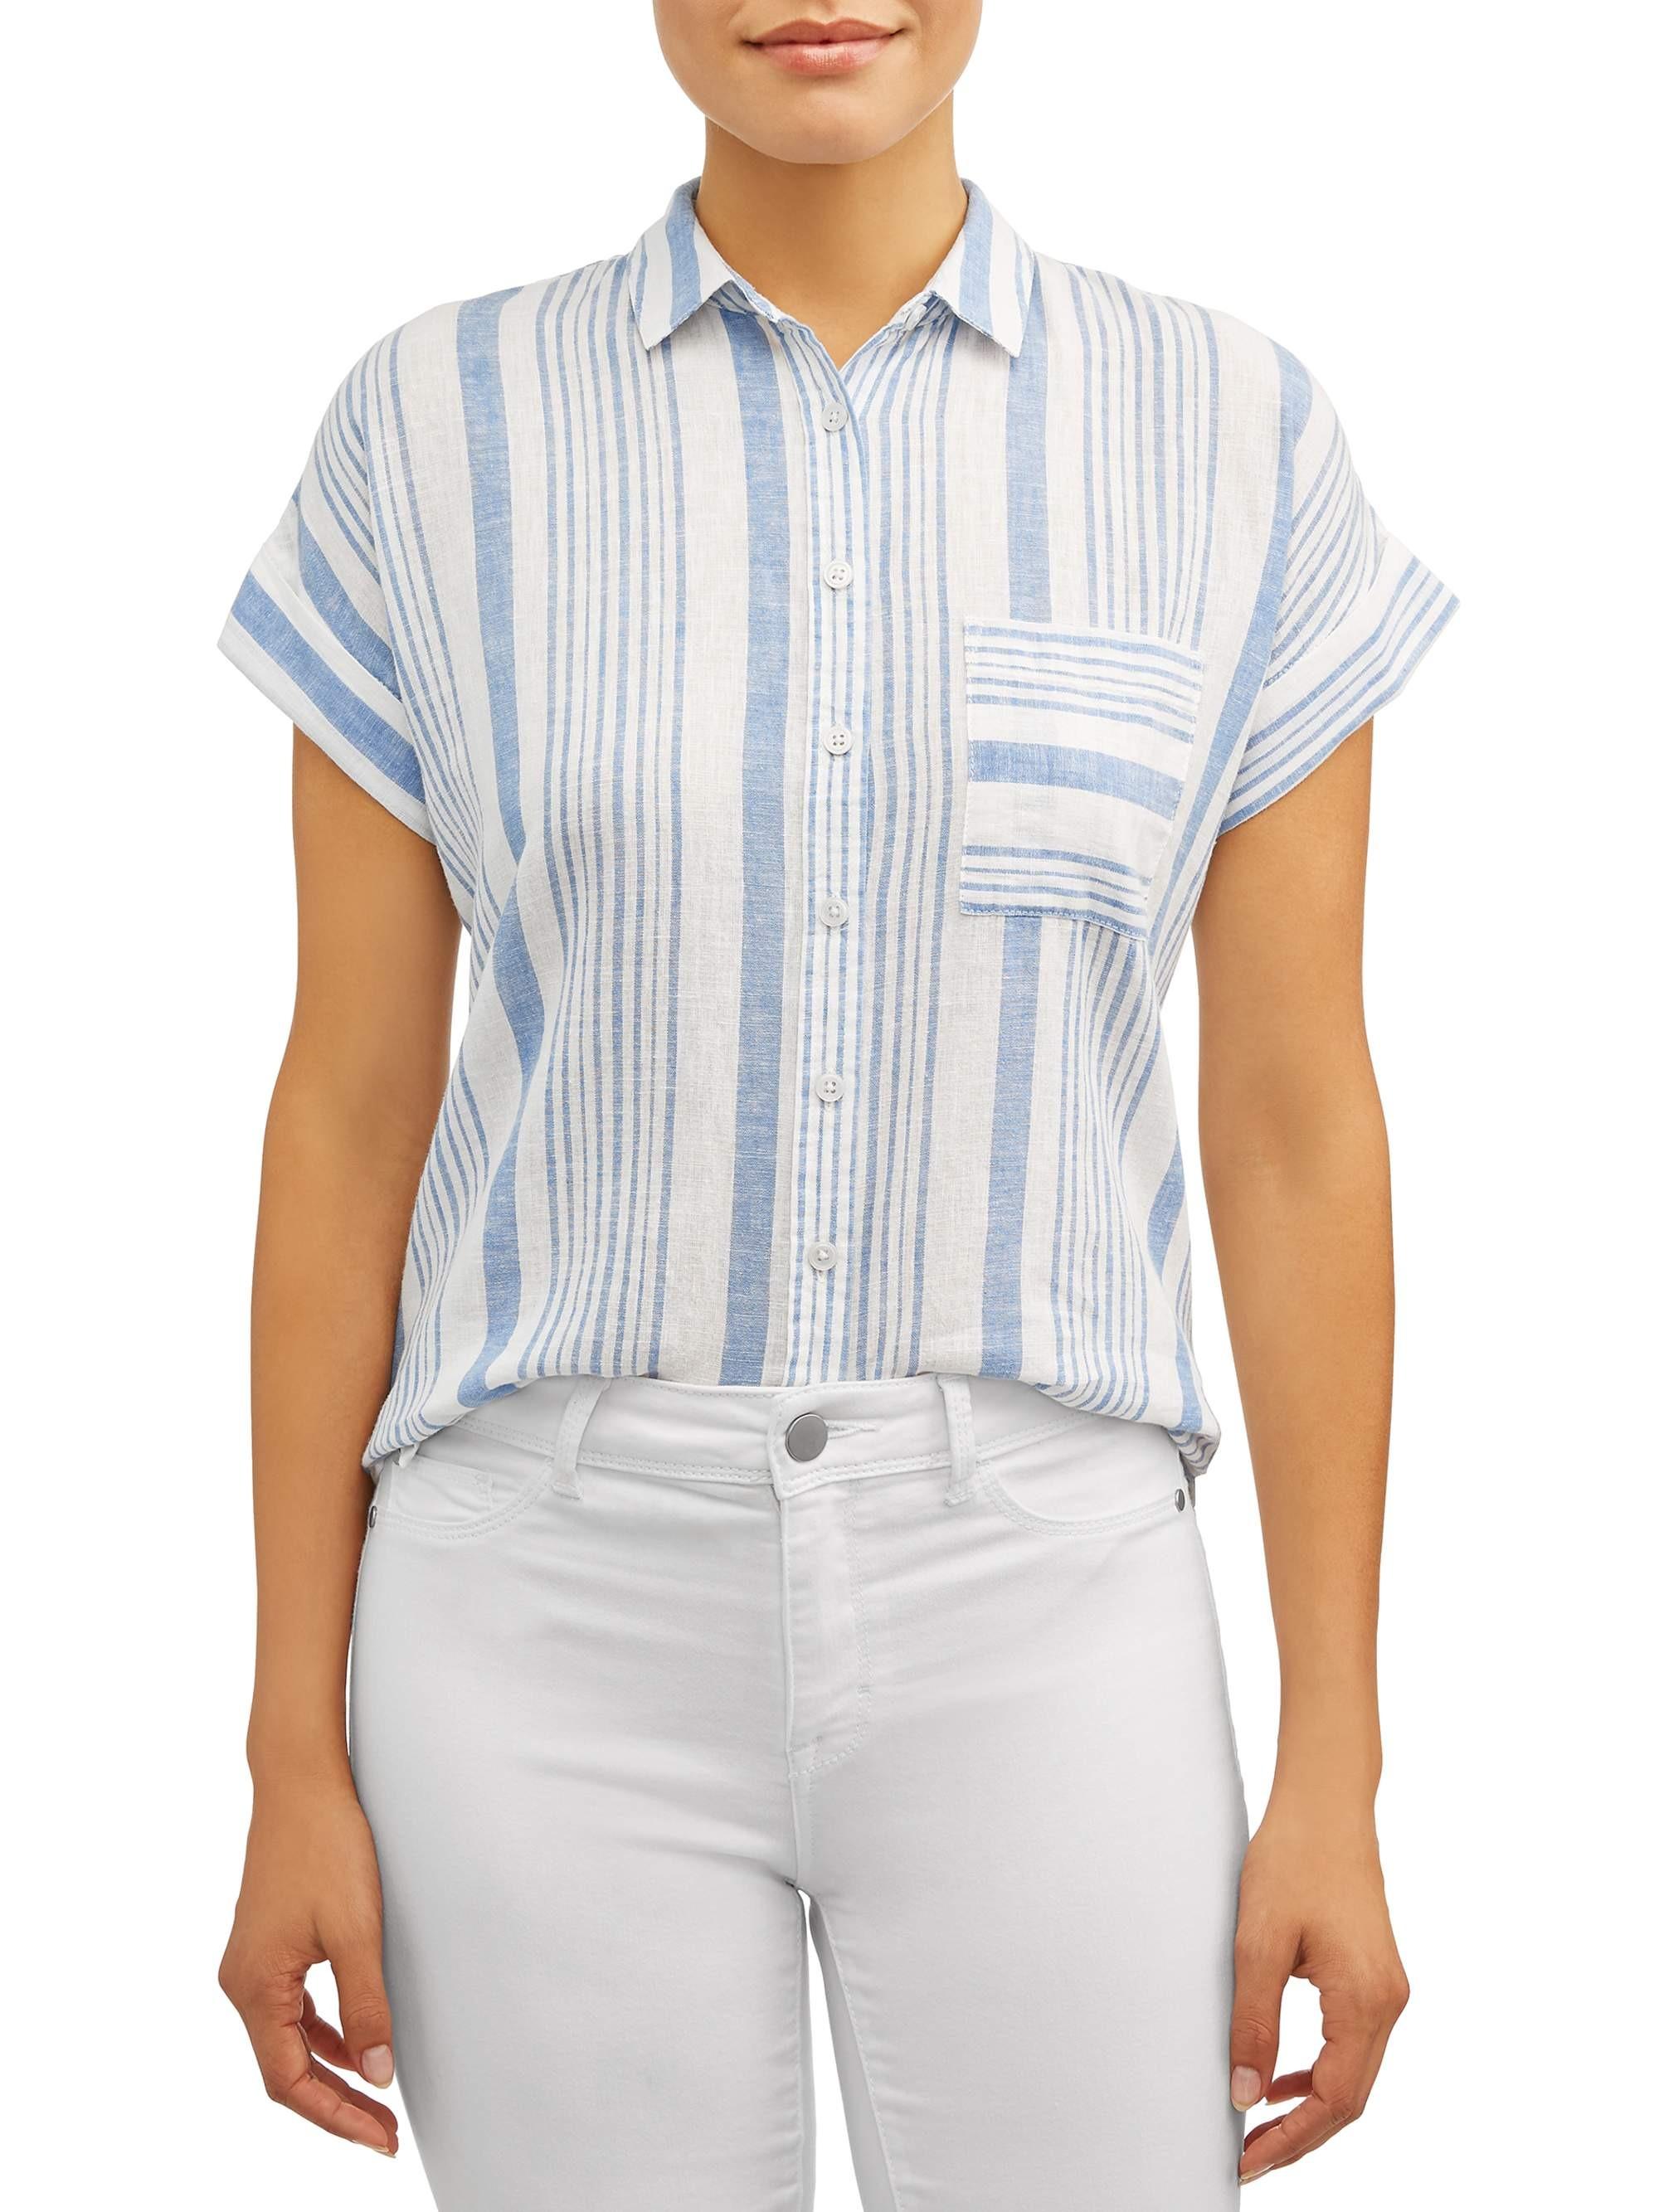 Alexander Jordan Women's Cap Sleeve Linen Blend Top